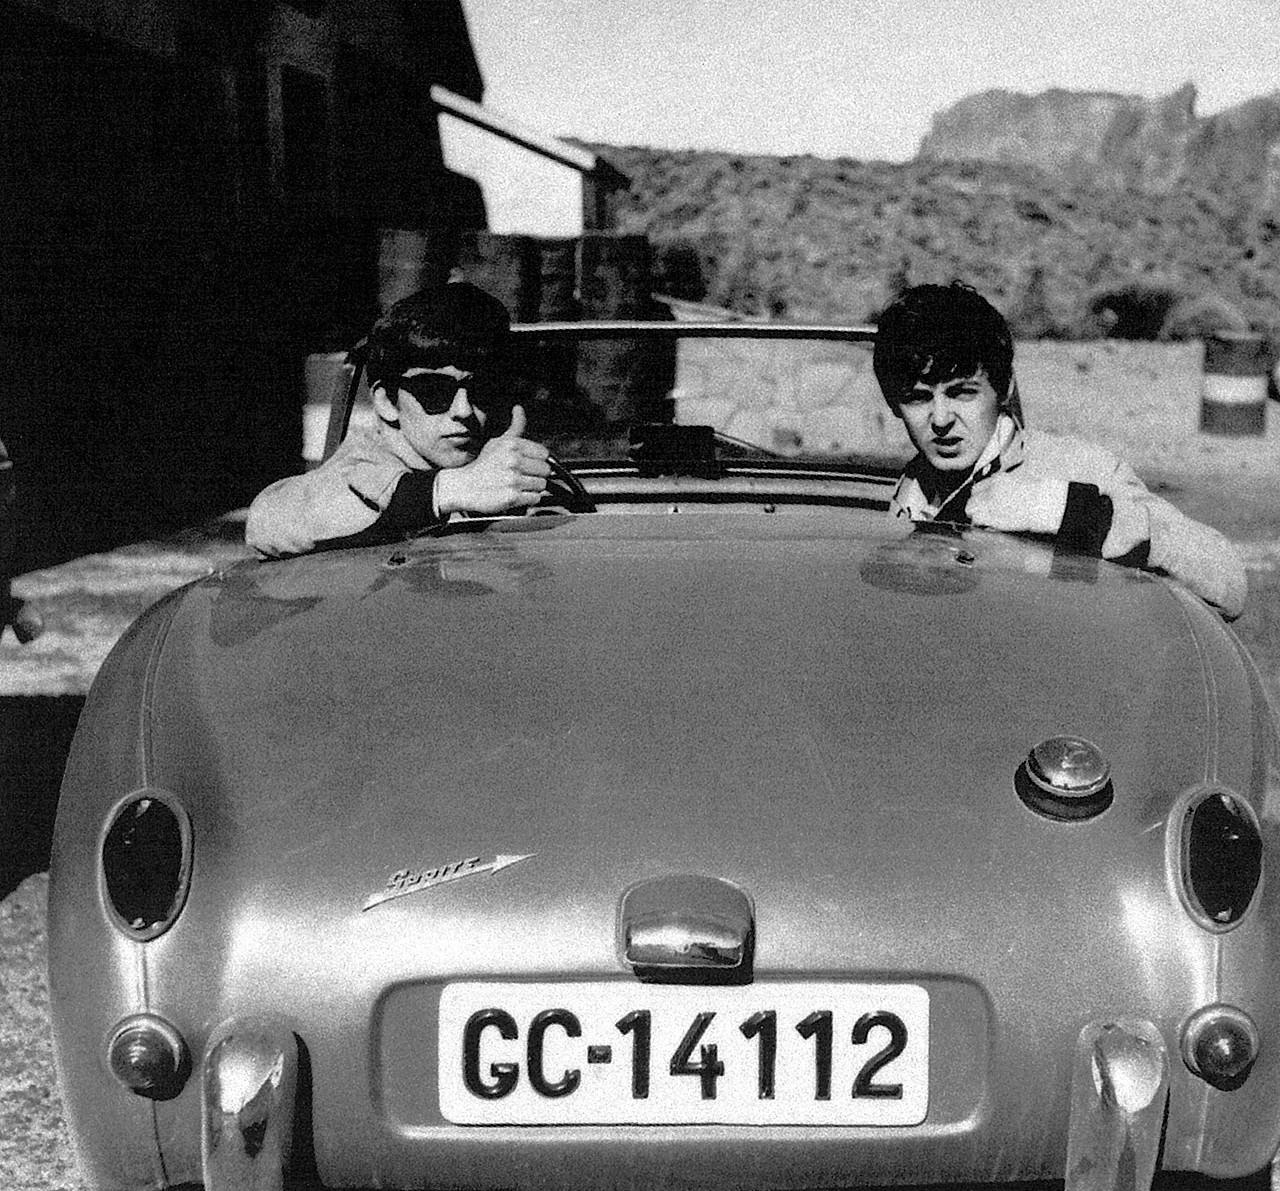 Na zdjęciu widzimy dwóch muzyków, jeden w okularach przeciwsłonecznych. Siedzą w oldschoolowym kabriolecie.